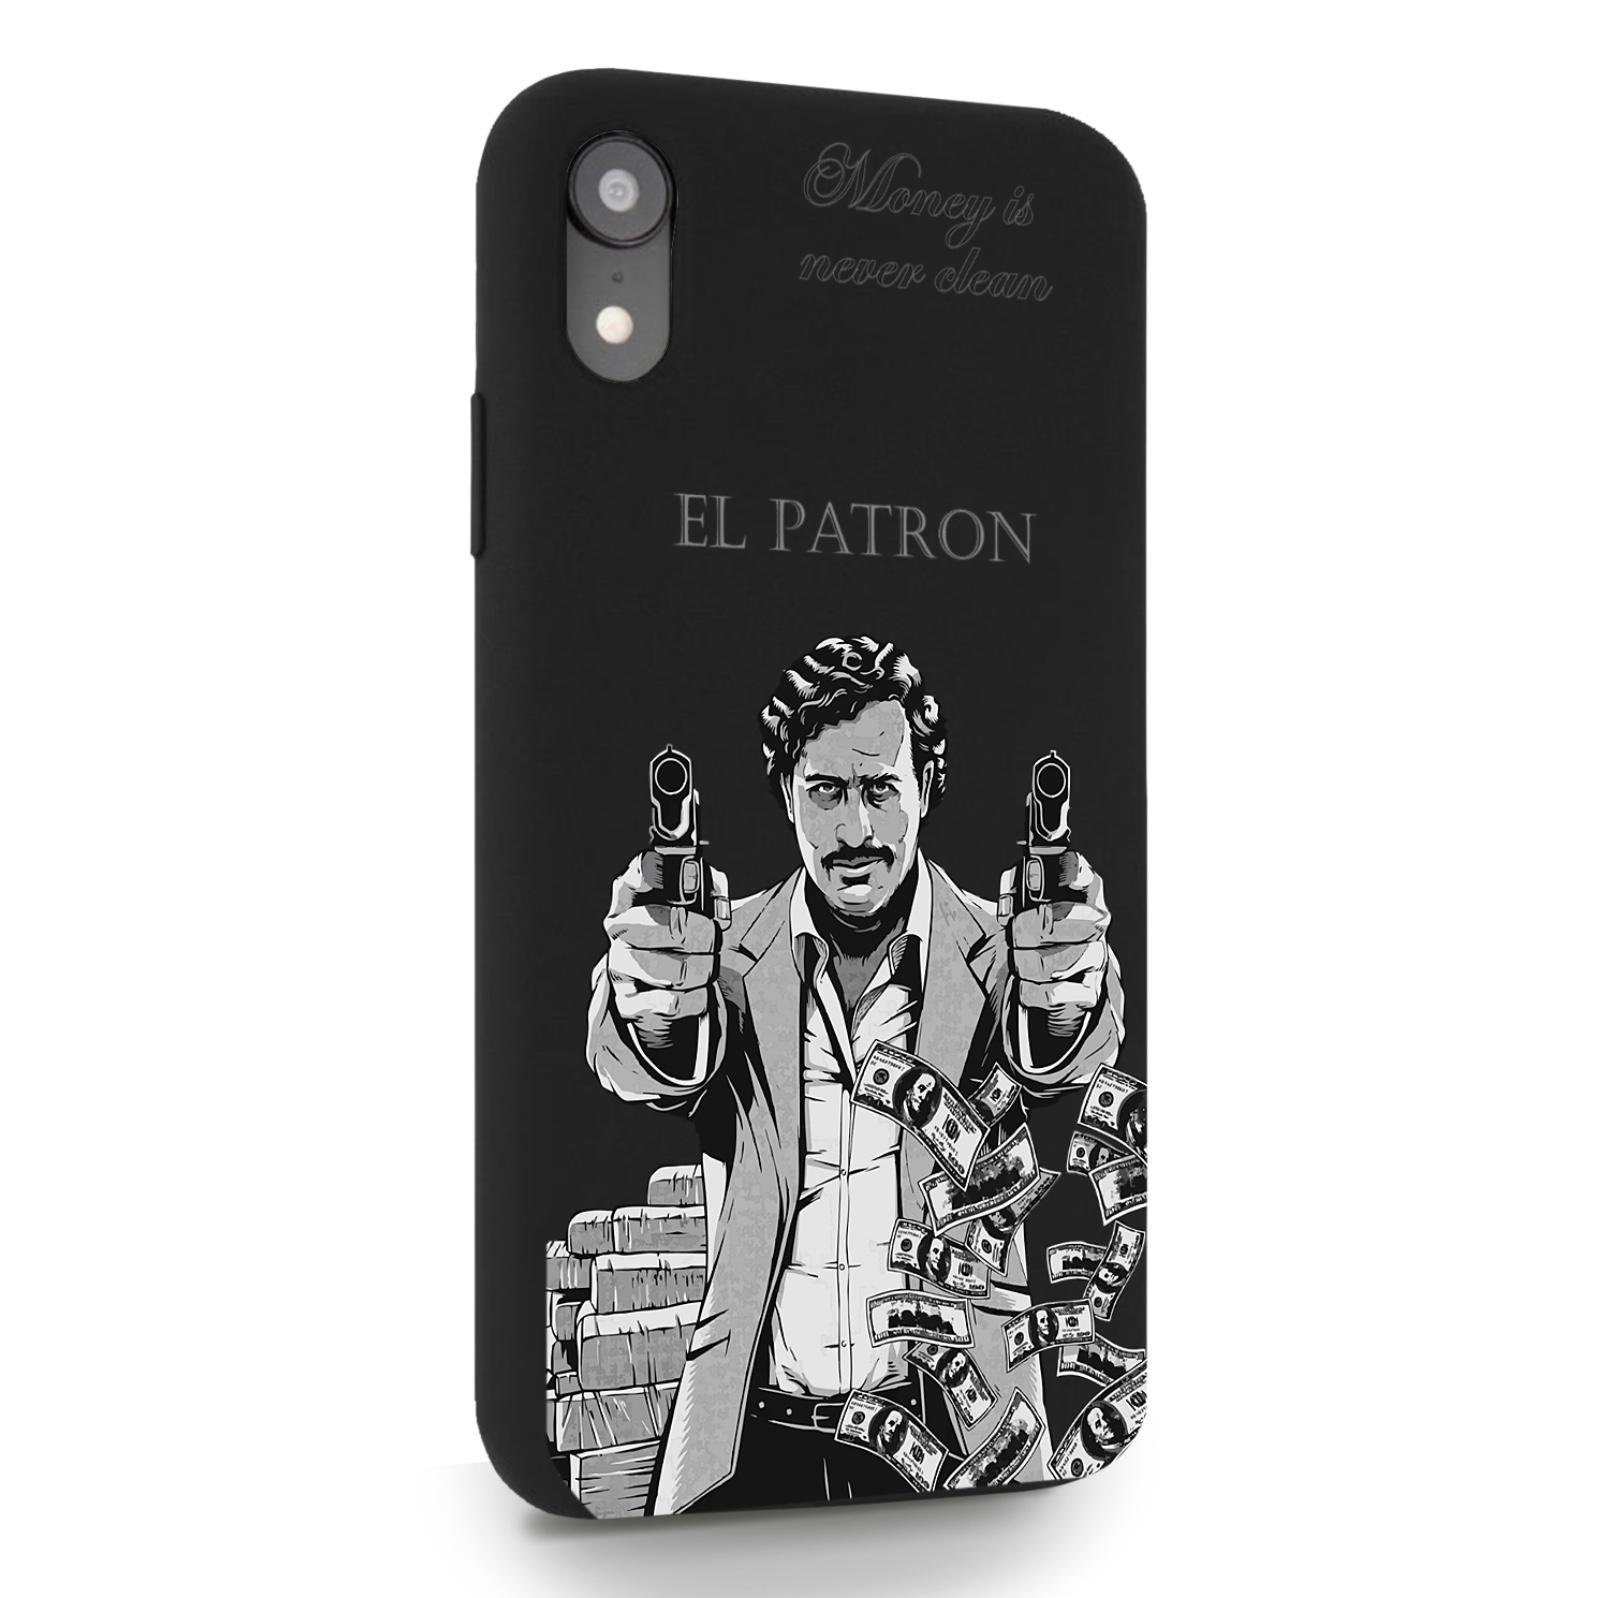 Черный силиконовый чехол для iPhone XR El Patron Pablo Escobar Пабло Эскобар для Айфон 10R